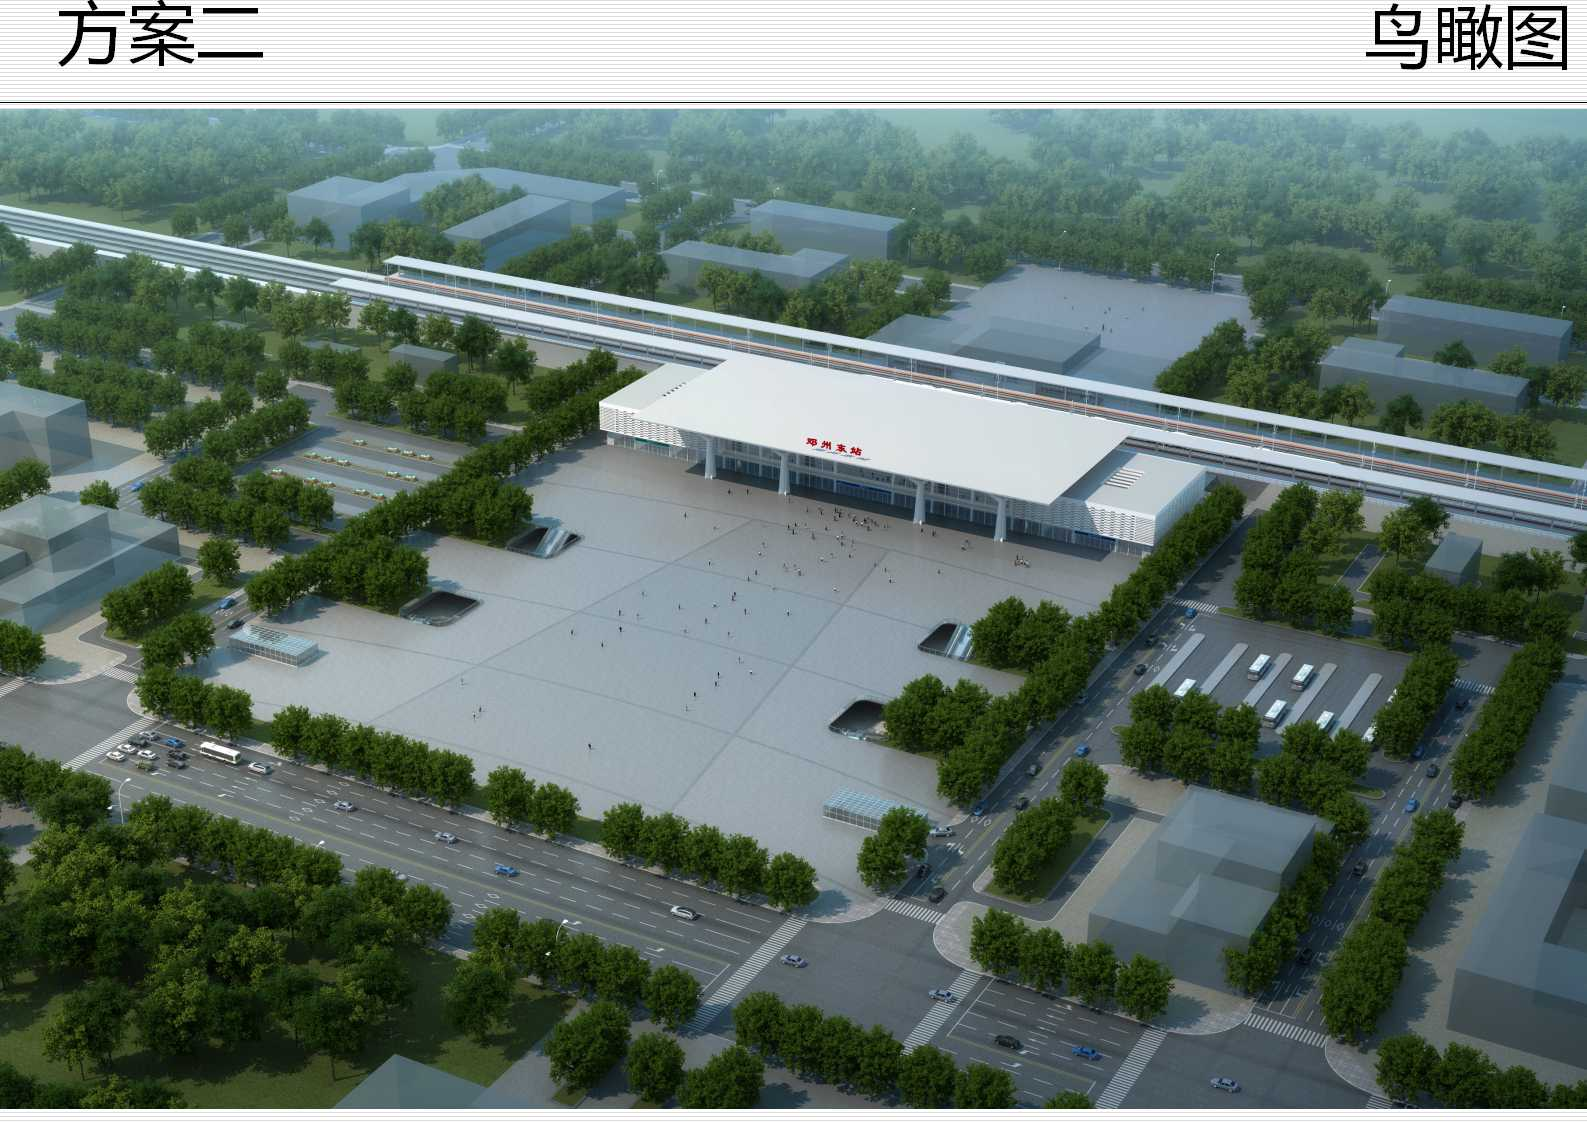 邓州东站建筑概念设计方案